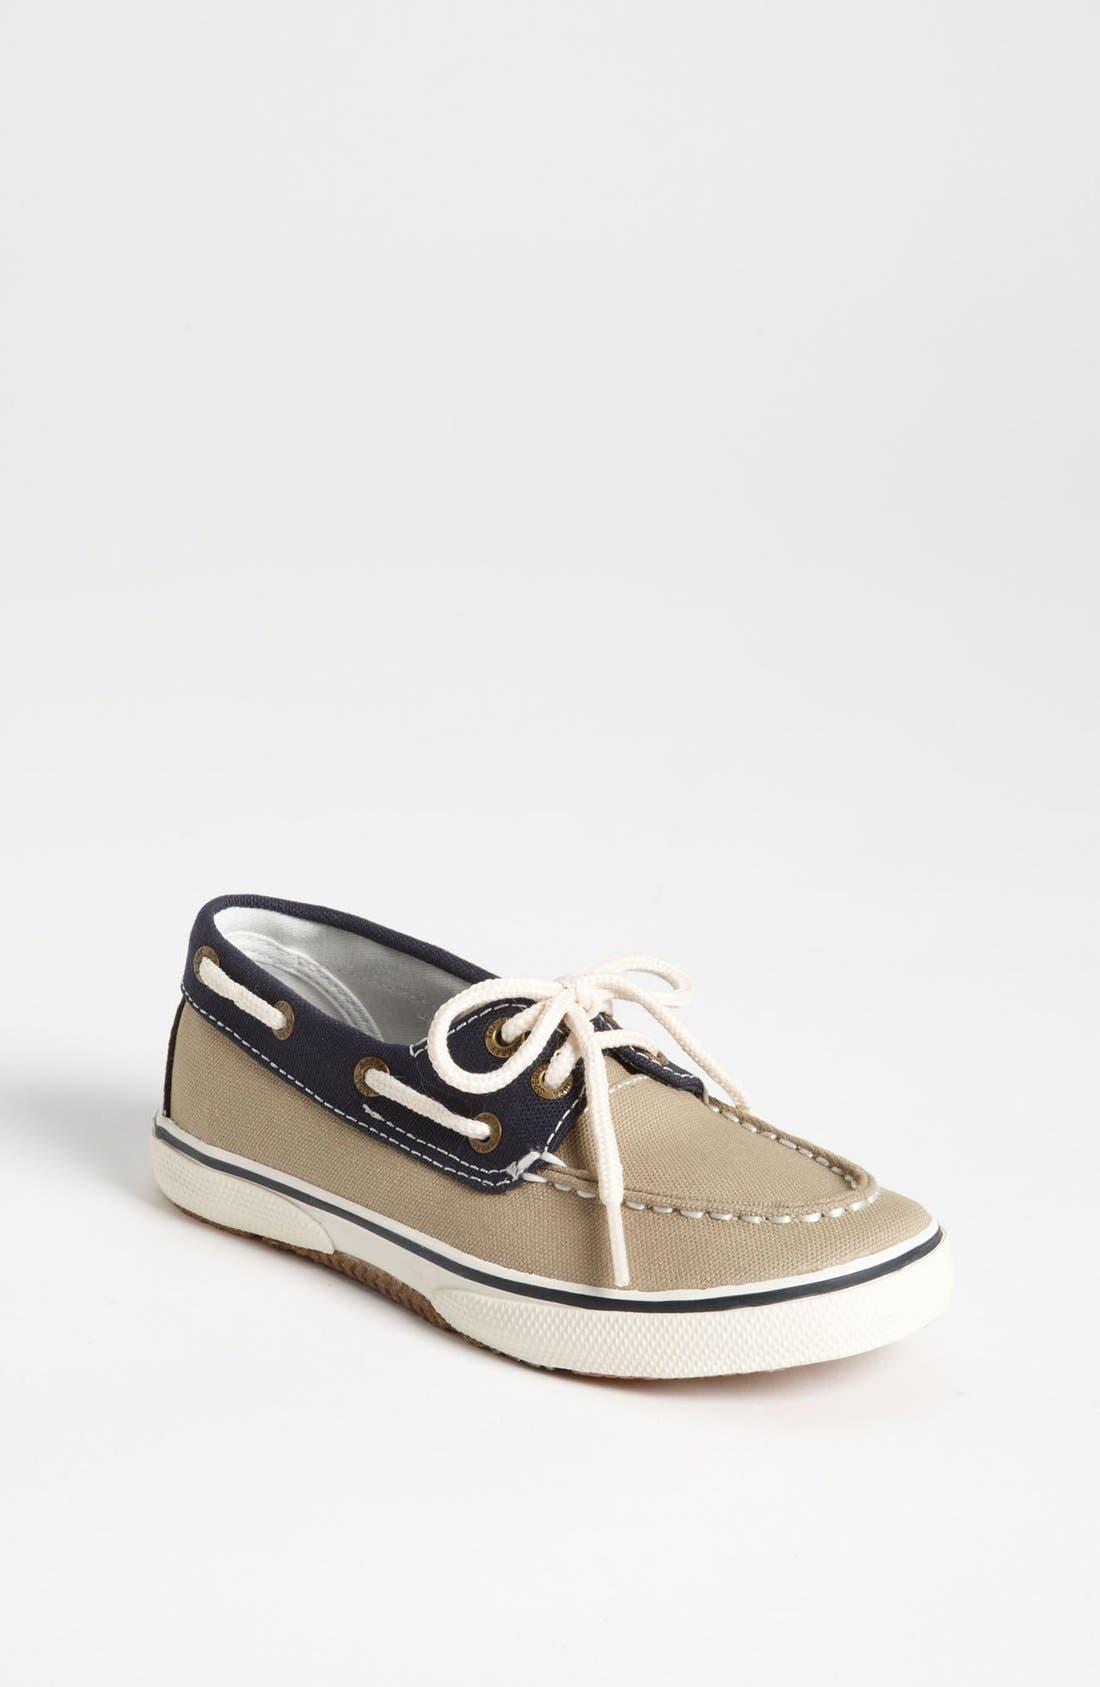 Alternate Image 1 Selected - Sperry Top-Sider® 'Halyard' Boat Shoe (Walker, Toddler, Little Kid & Big Kid)